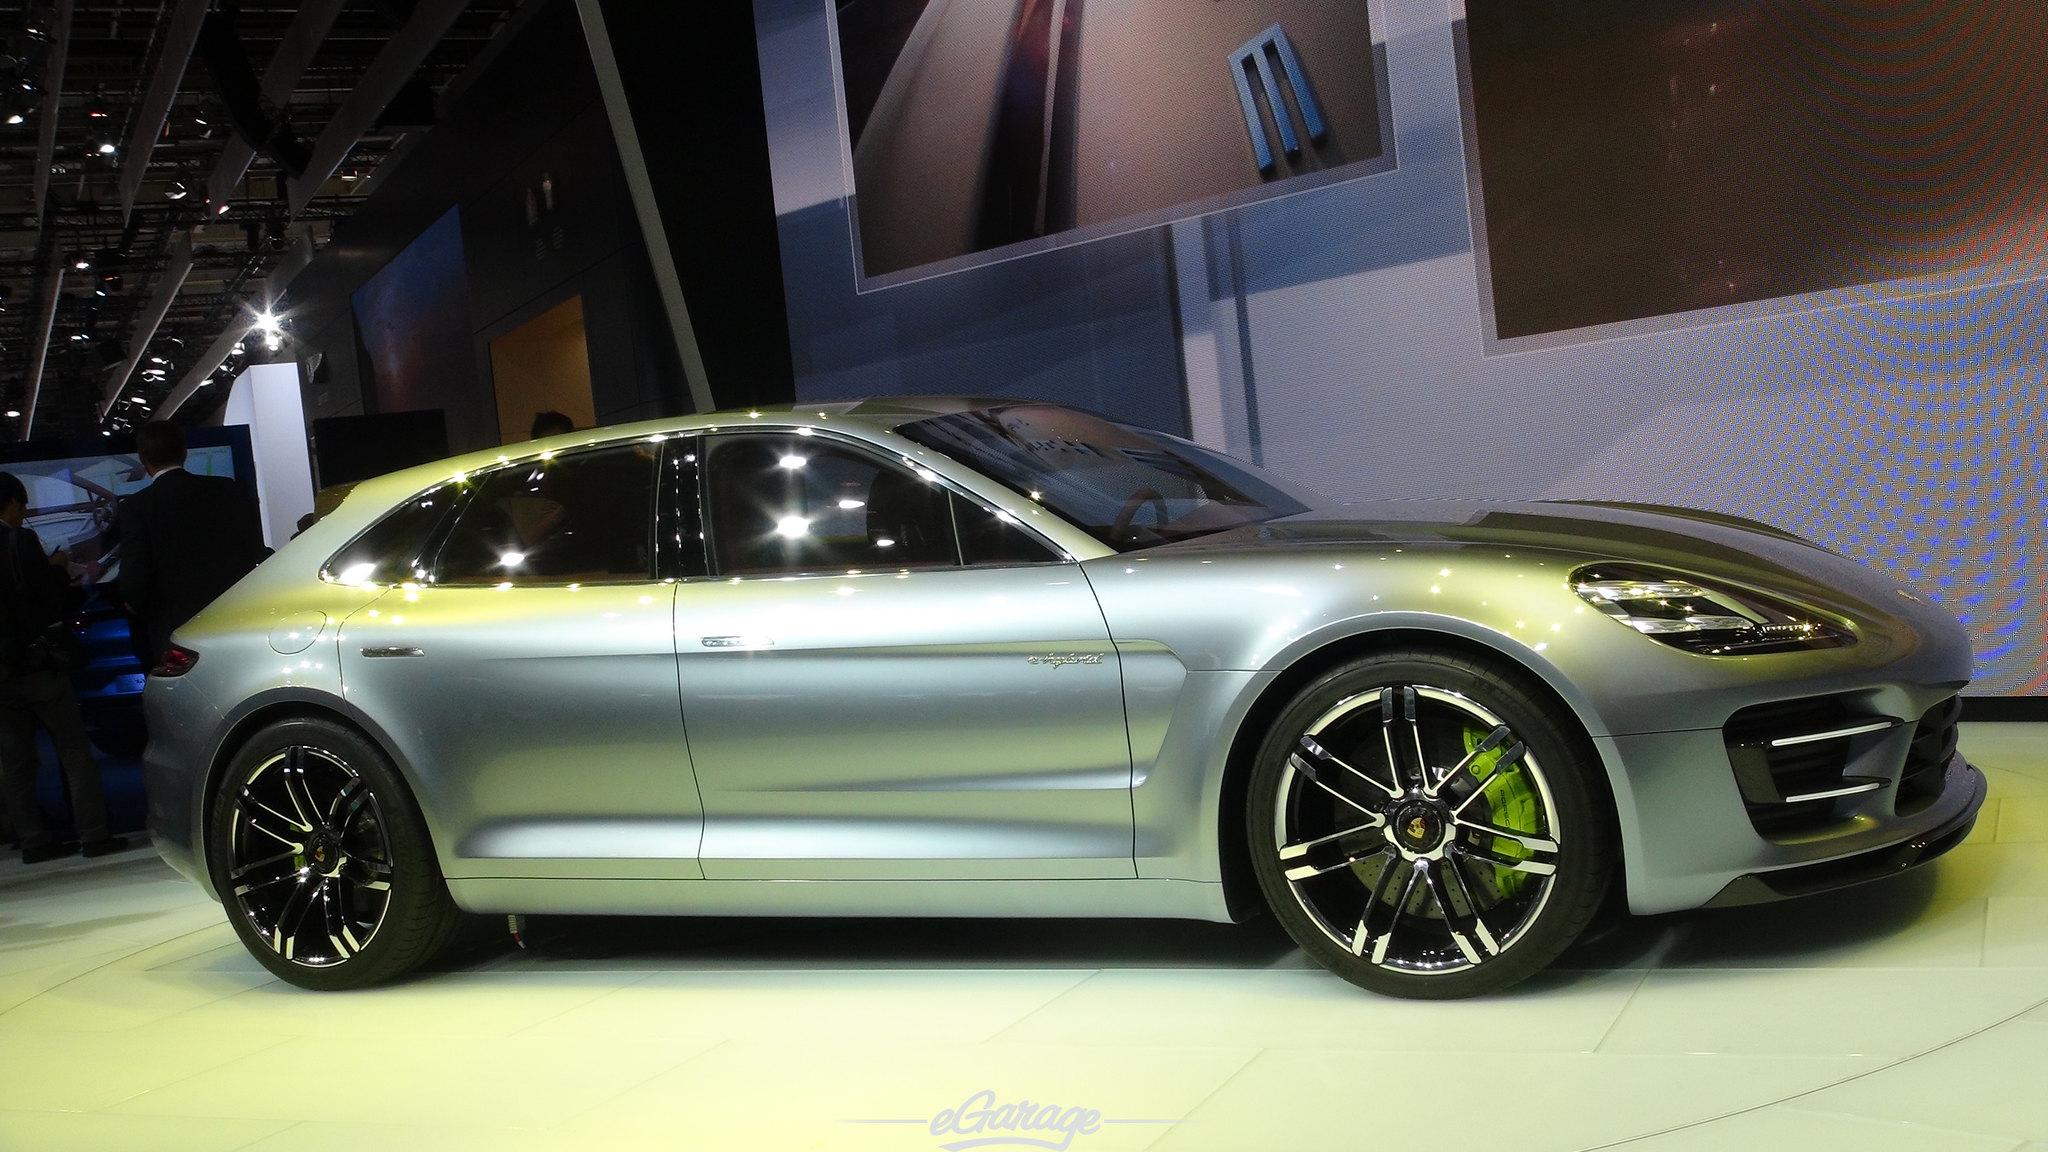 8034738855 ce4e55547e k 2012 Paris Motor Show